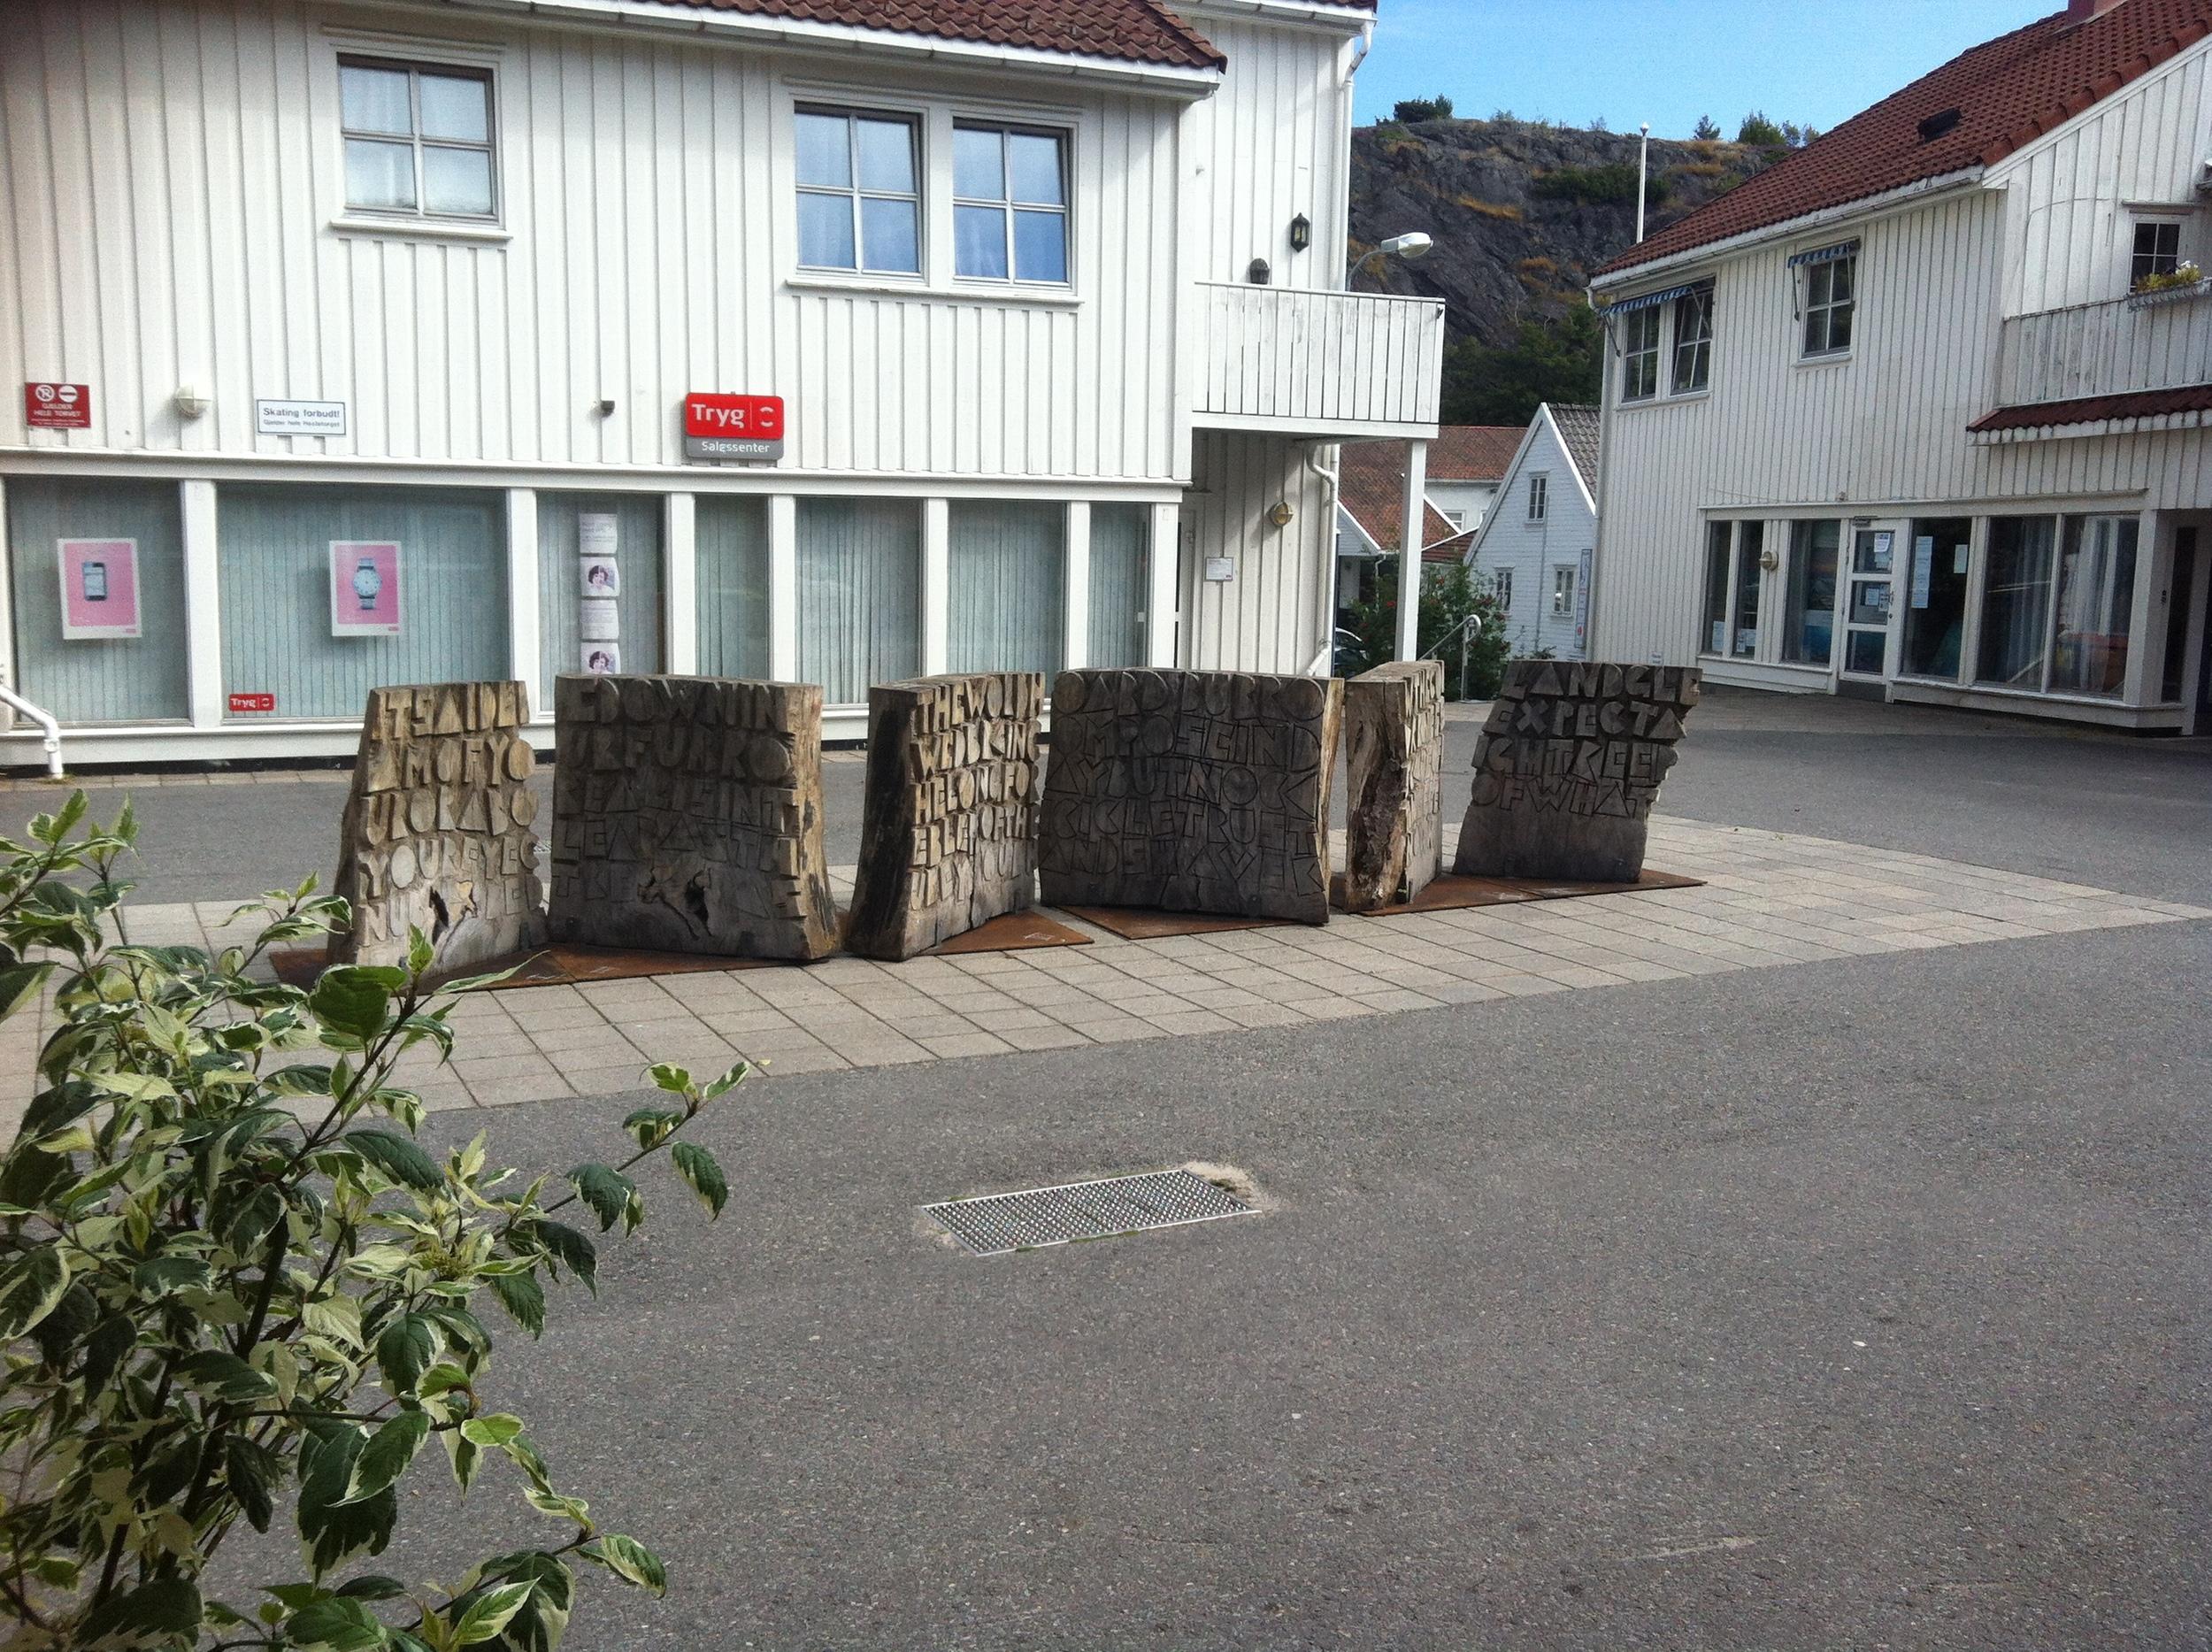 De 7  SCRIPTORIUM  skulpturer blev udstillet på torve og pladser i Grimstad, Norge i sommeren 2012.